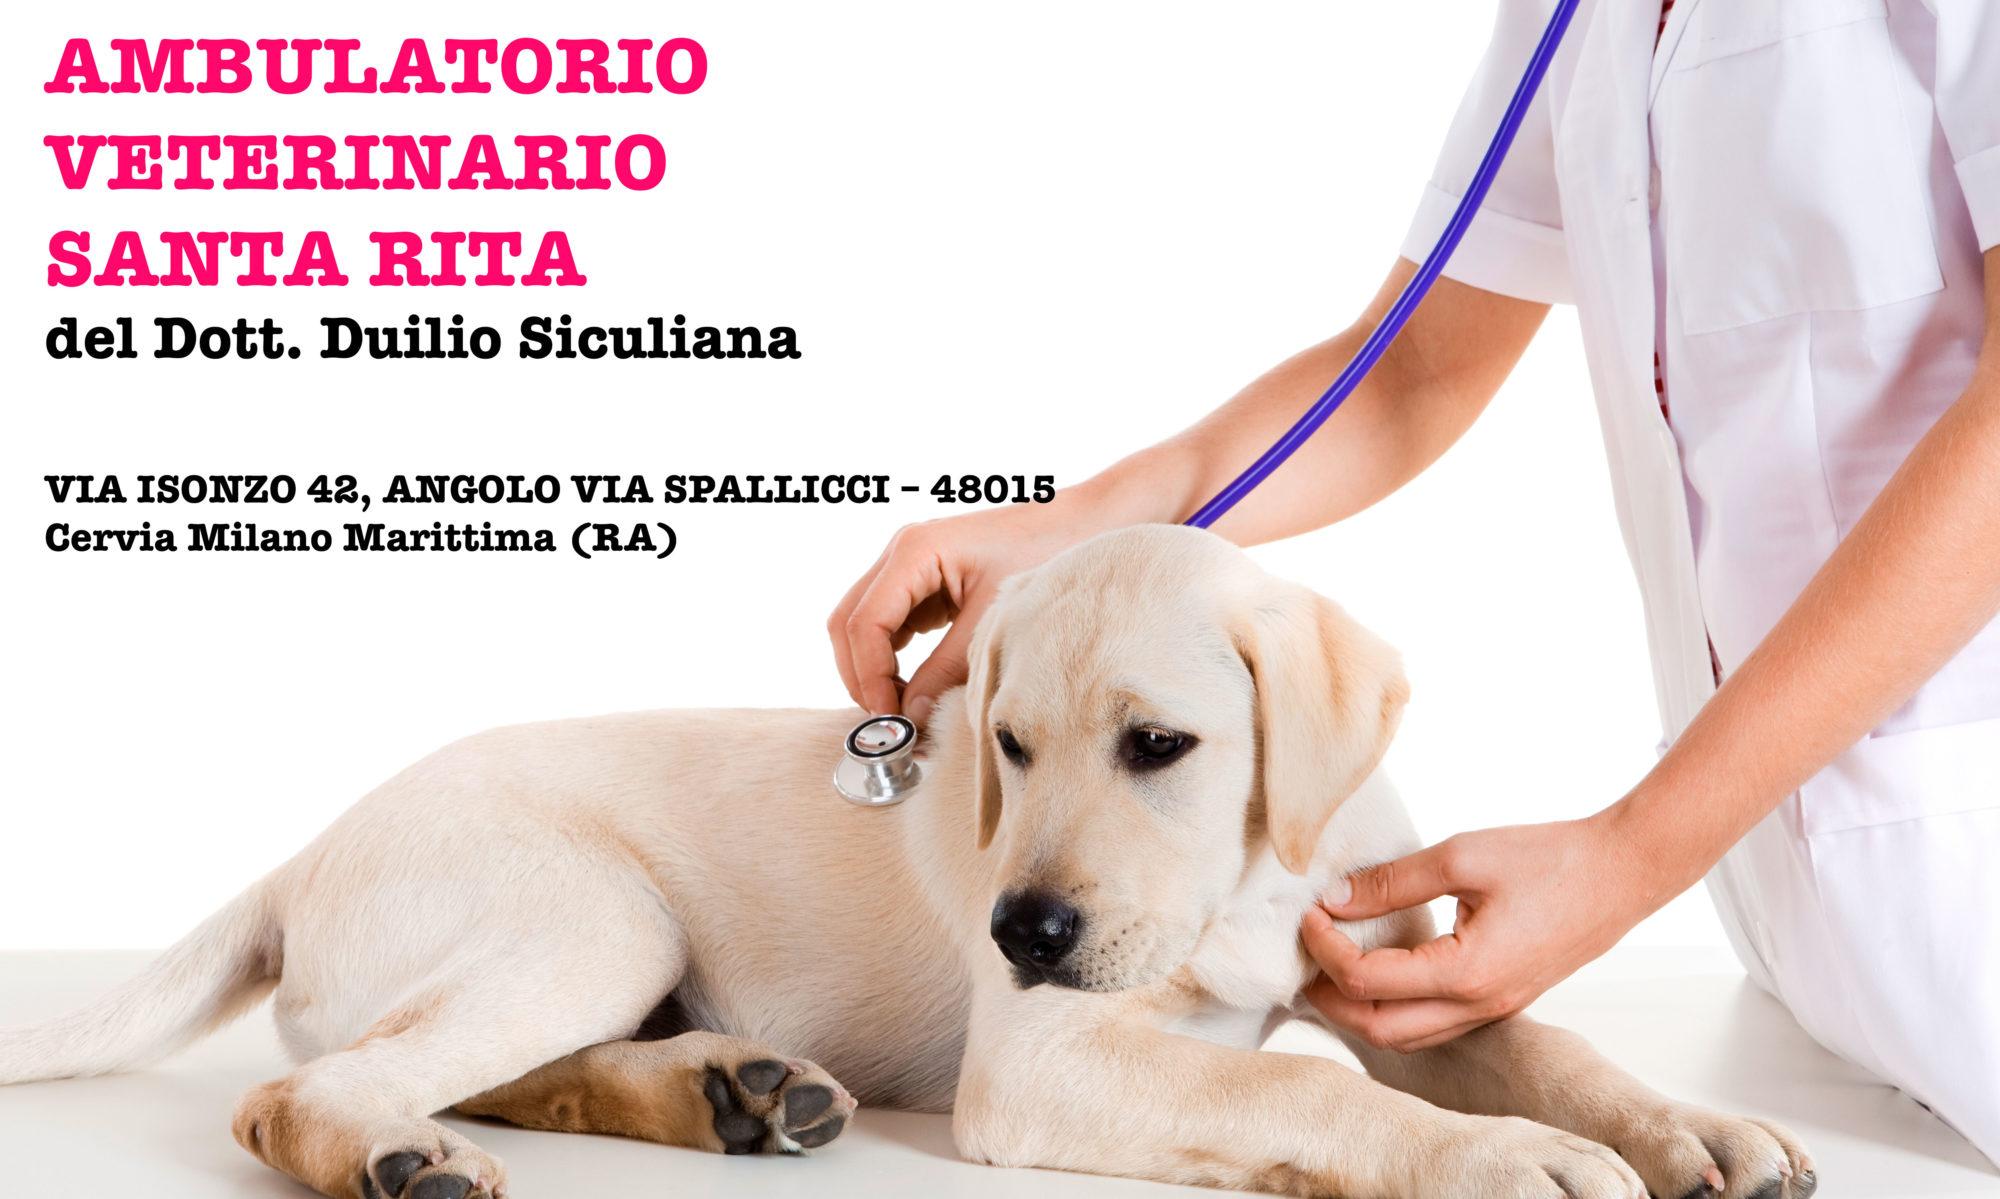 Studio Veterinario Santa Rita